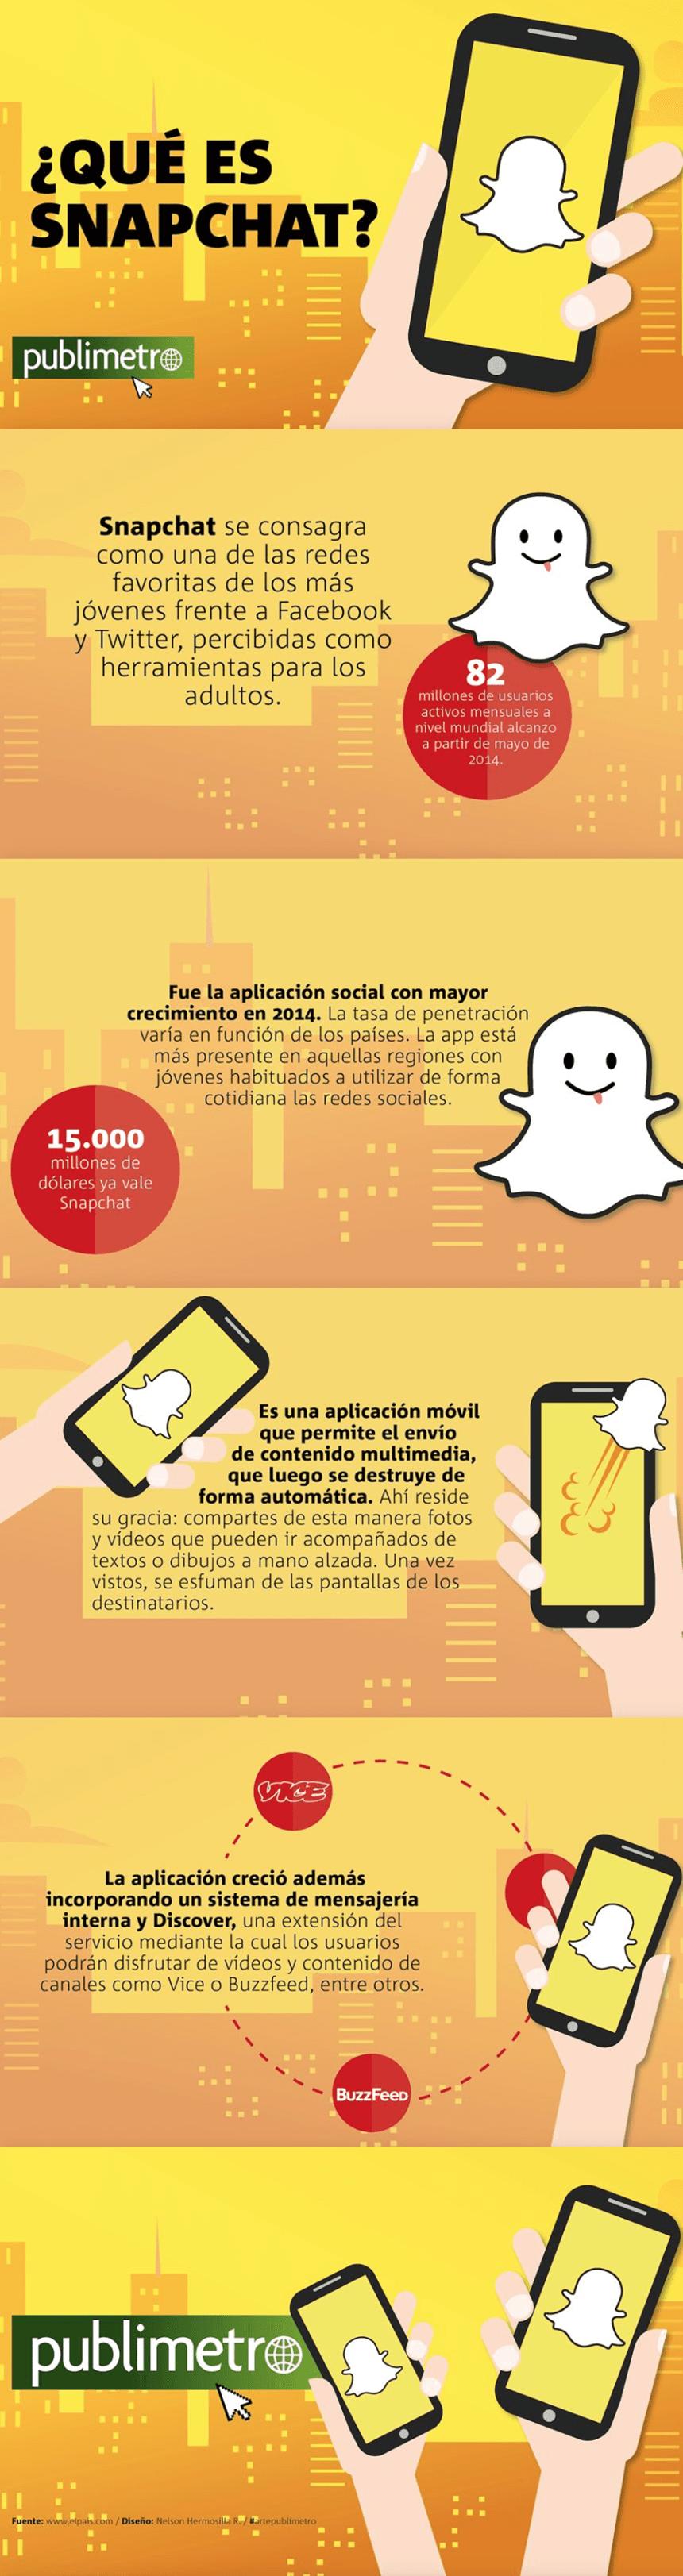 Qué es SnapChat